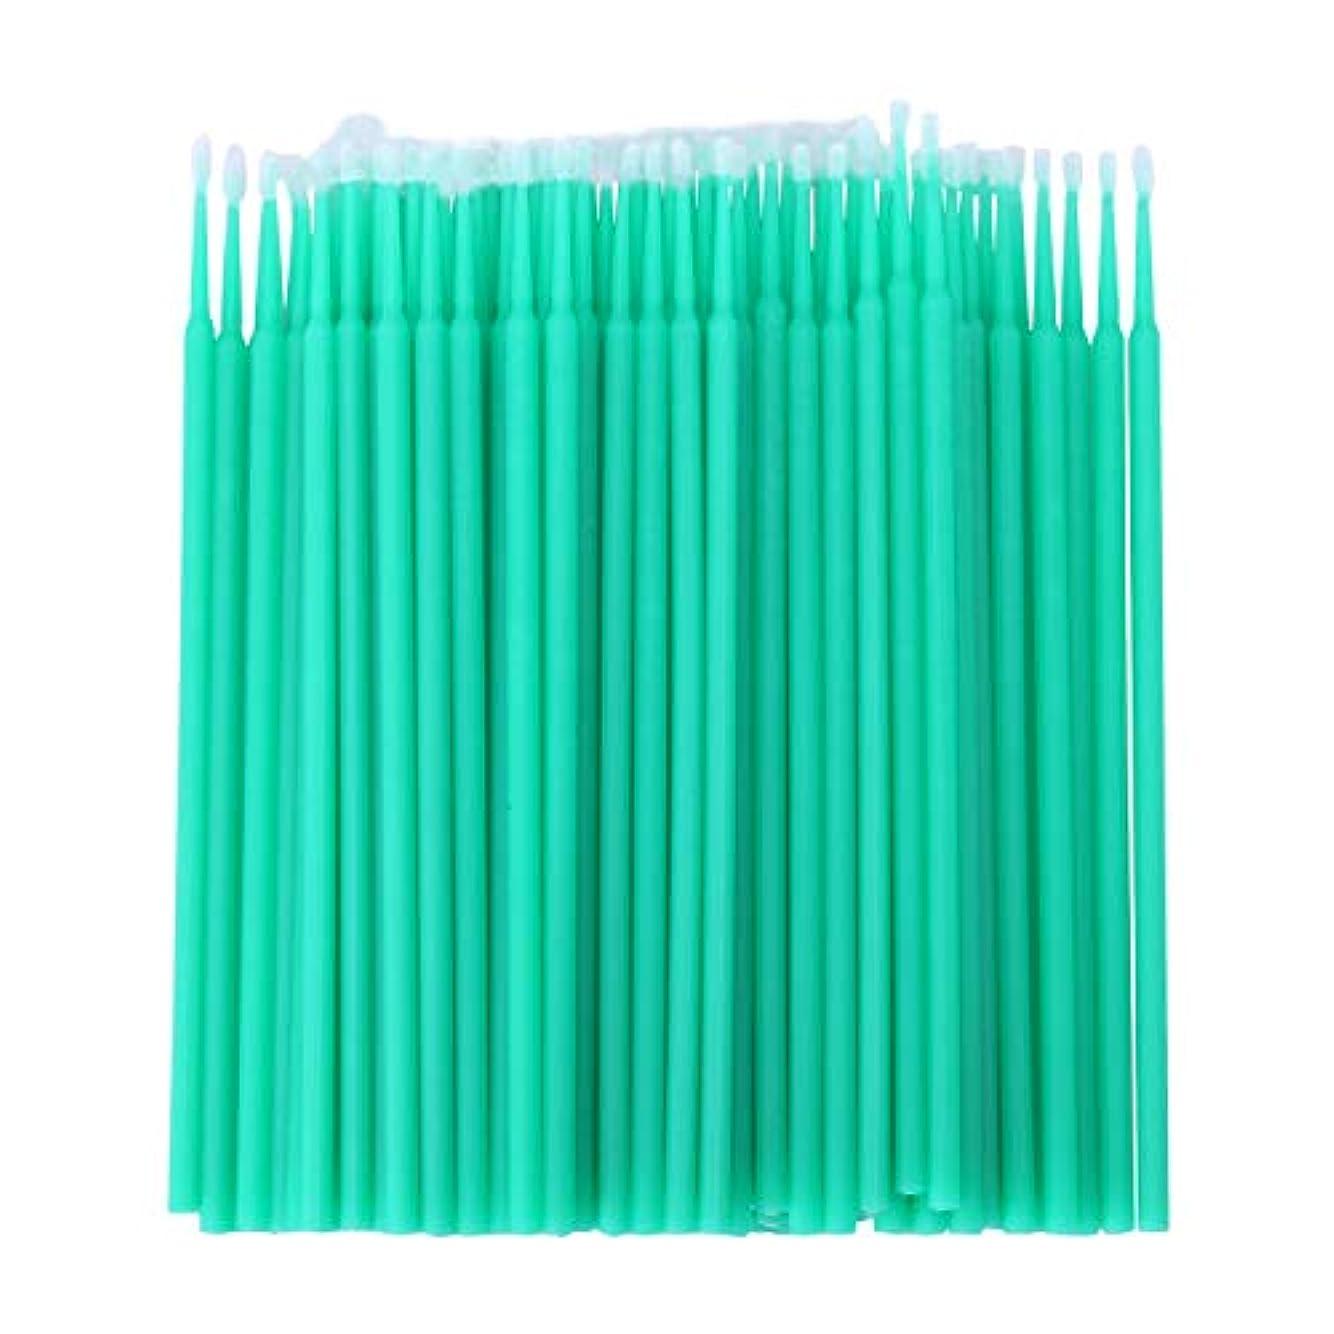 思春期スリップ機密CUHAWUDBA 100個 歯科用マイクロブラシ 使い捨て材料 歯用アプリケーター ミディアムファイン(ライトグリーン)